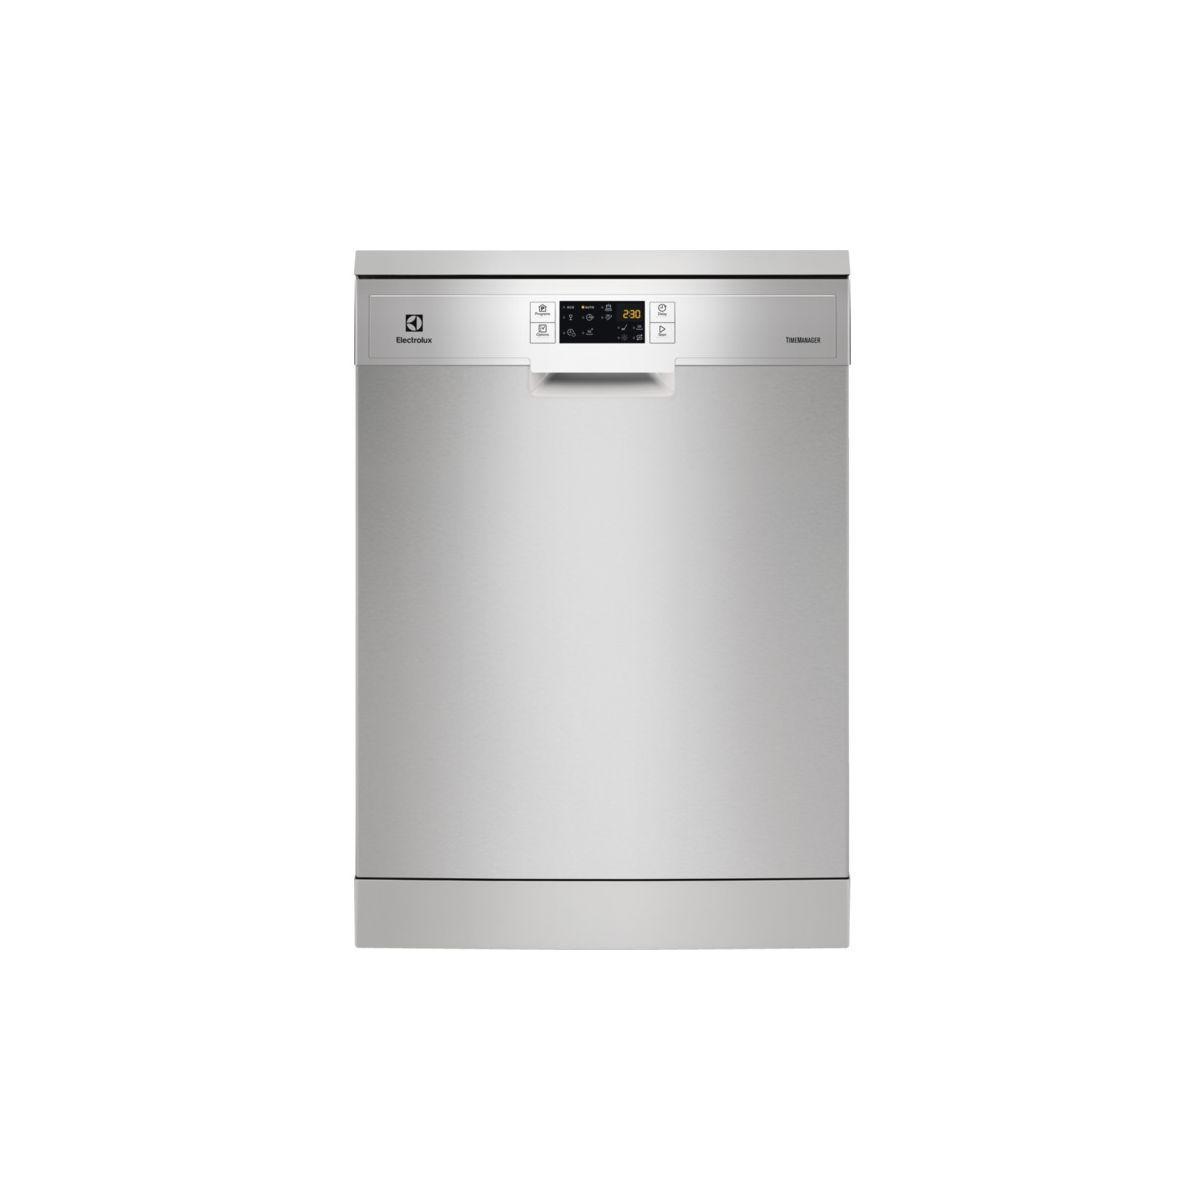 Lave vaisselle 60 cm electrolux aiirdry esf5545lox - livraison offerte : code livp (photo)